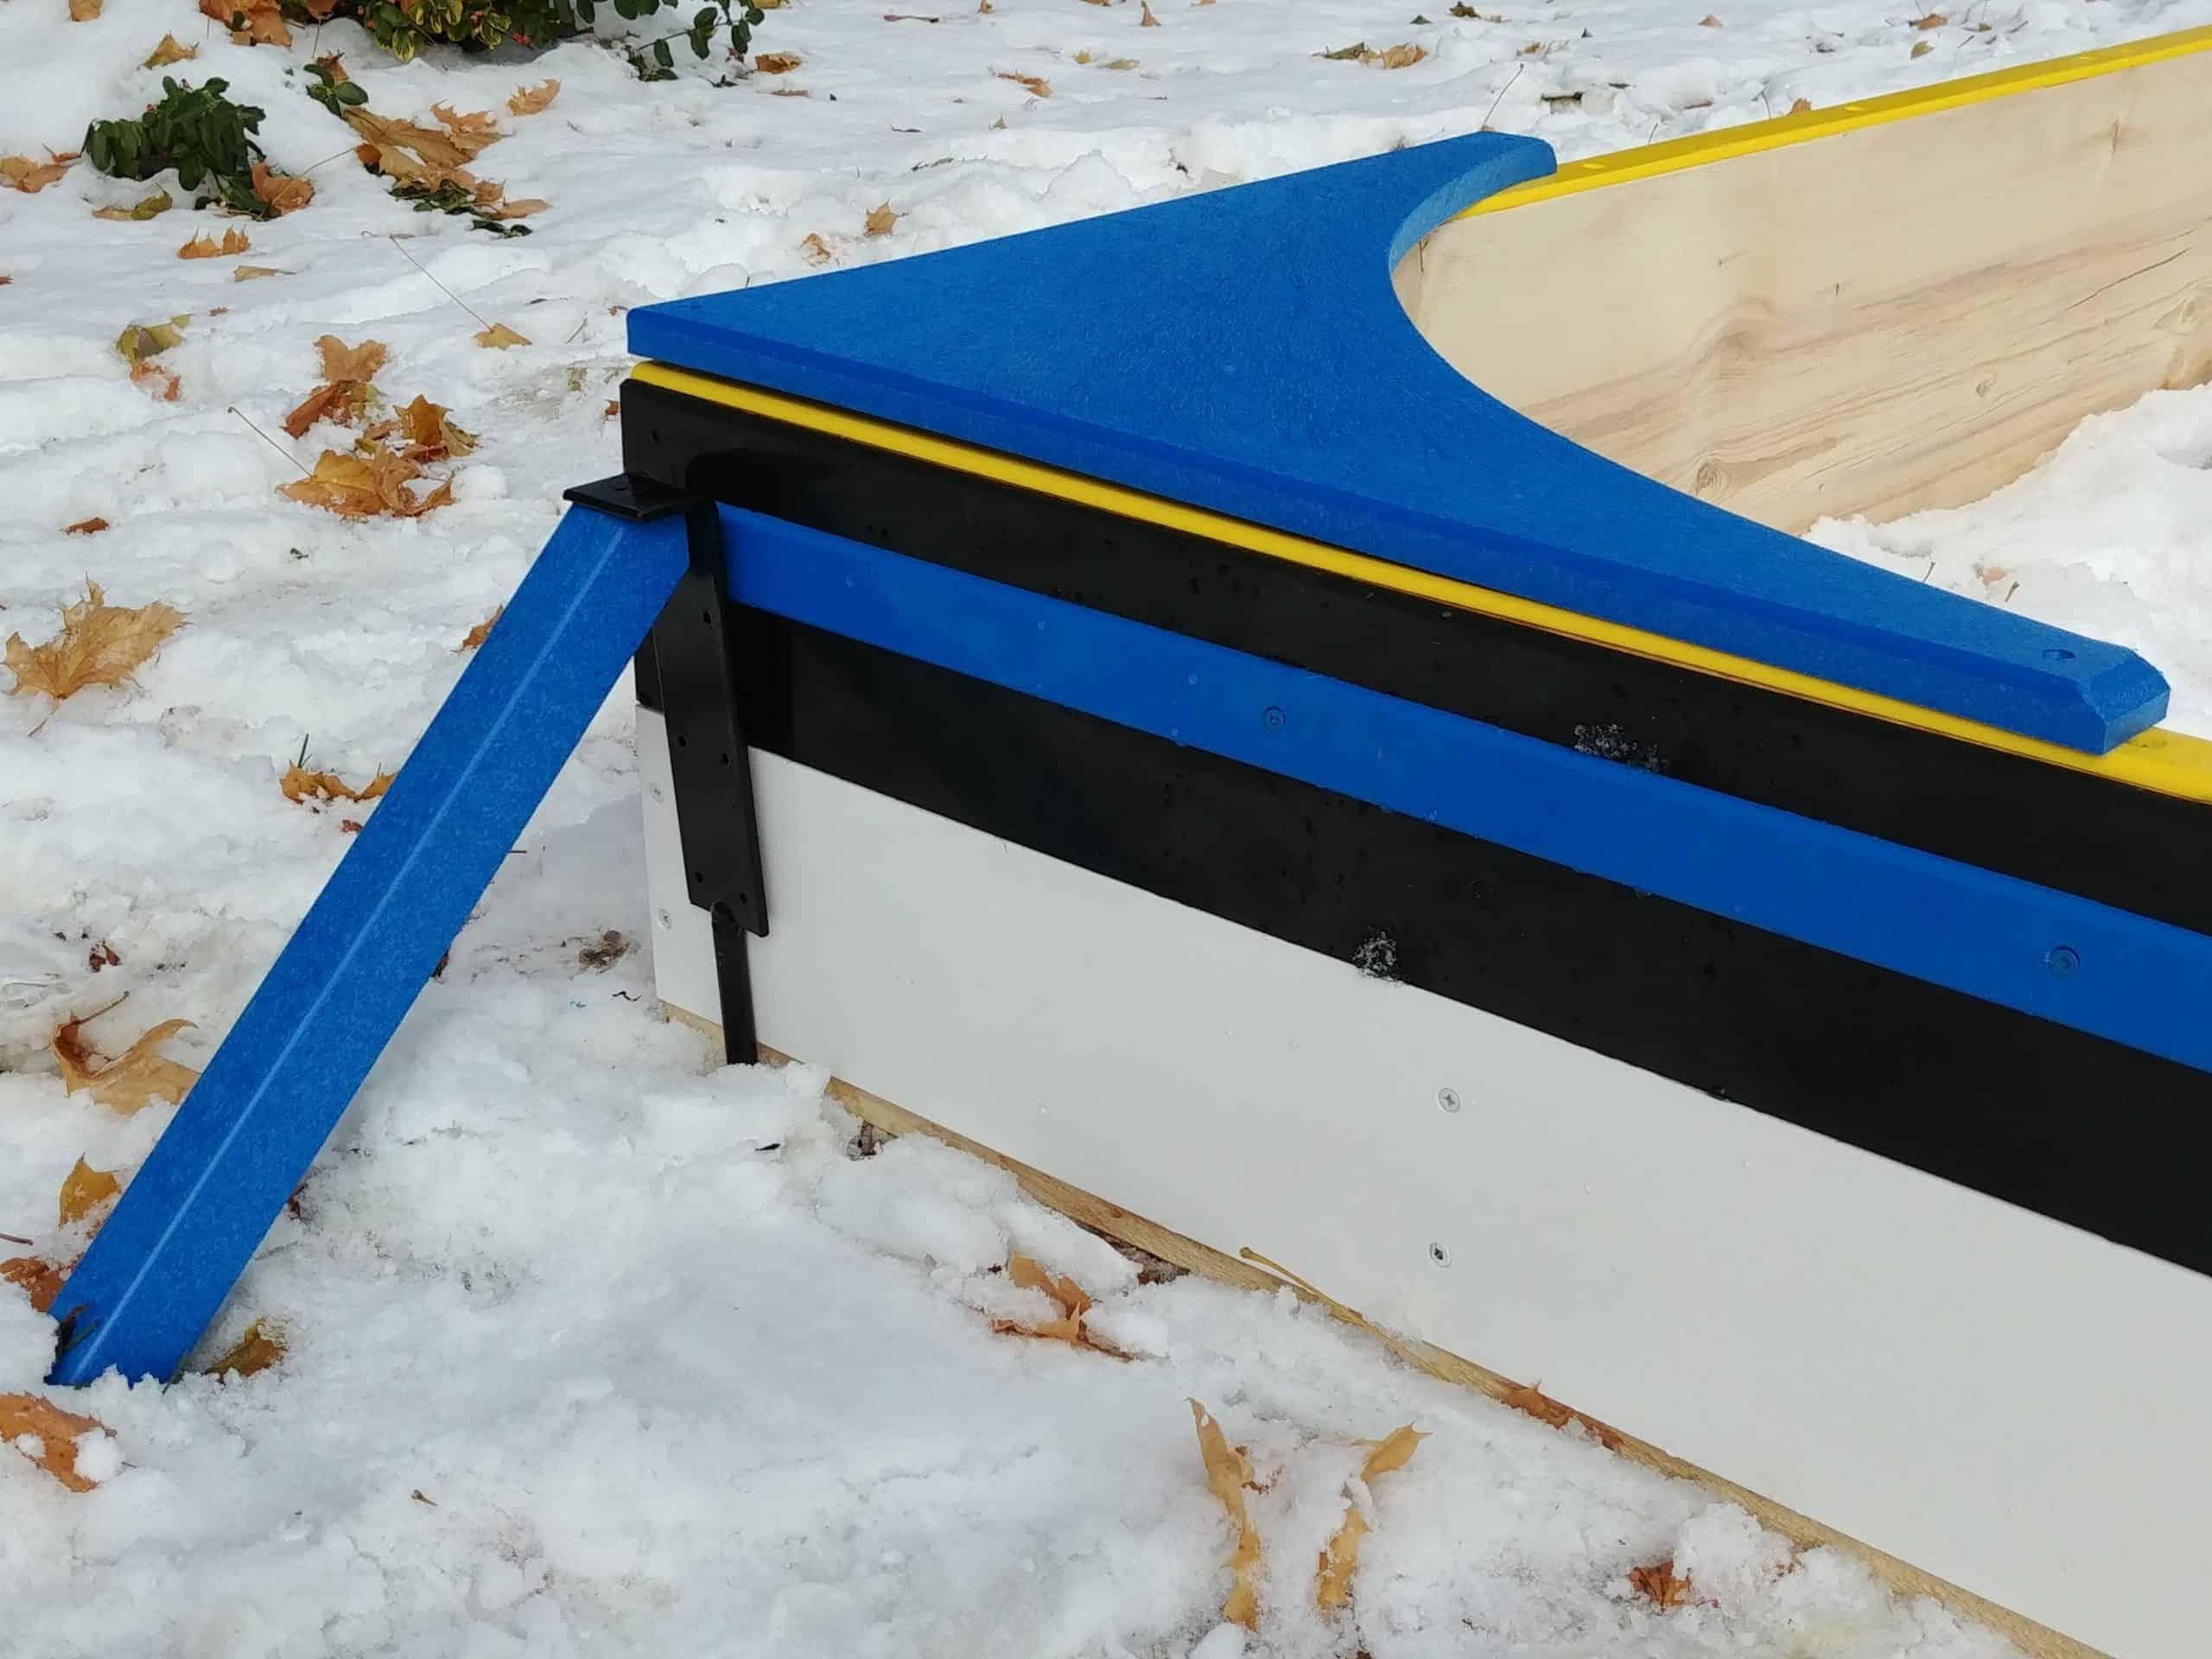 Ultimate Pro Panel Kit Backyard Rink Backyard rink kit with boards